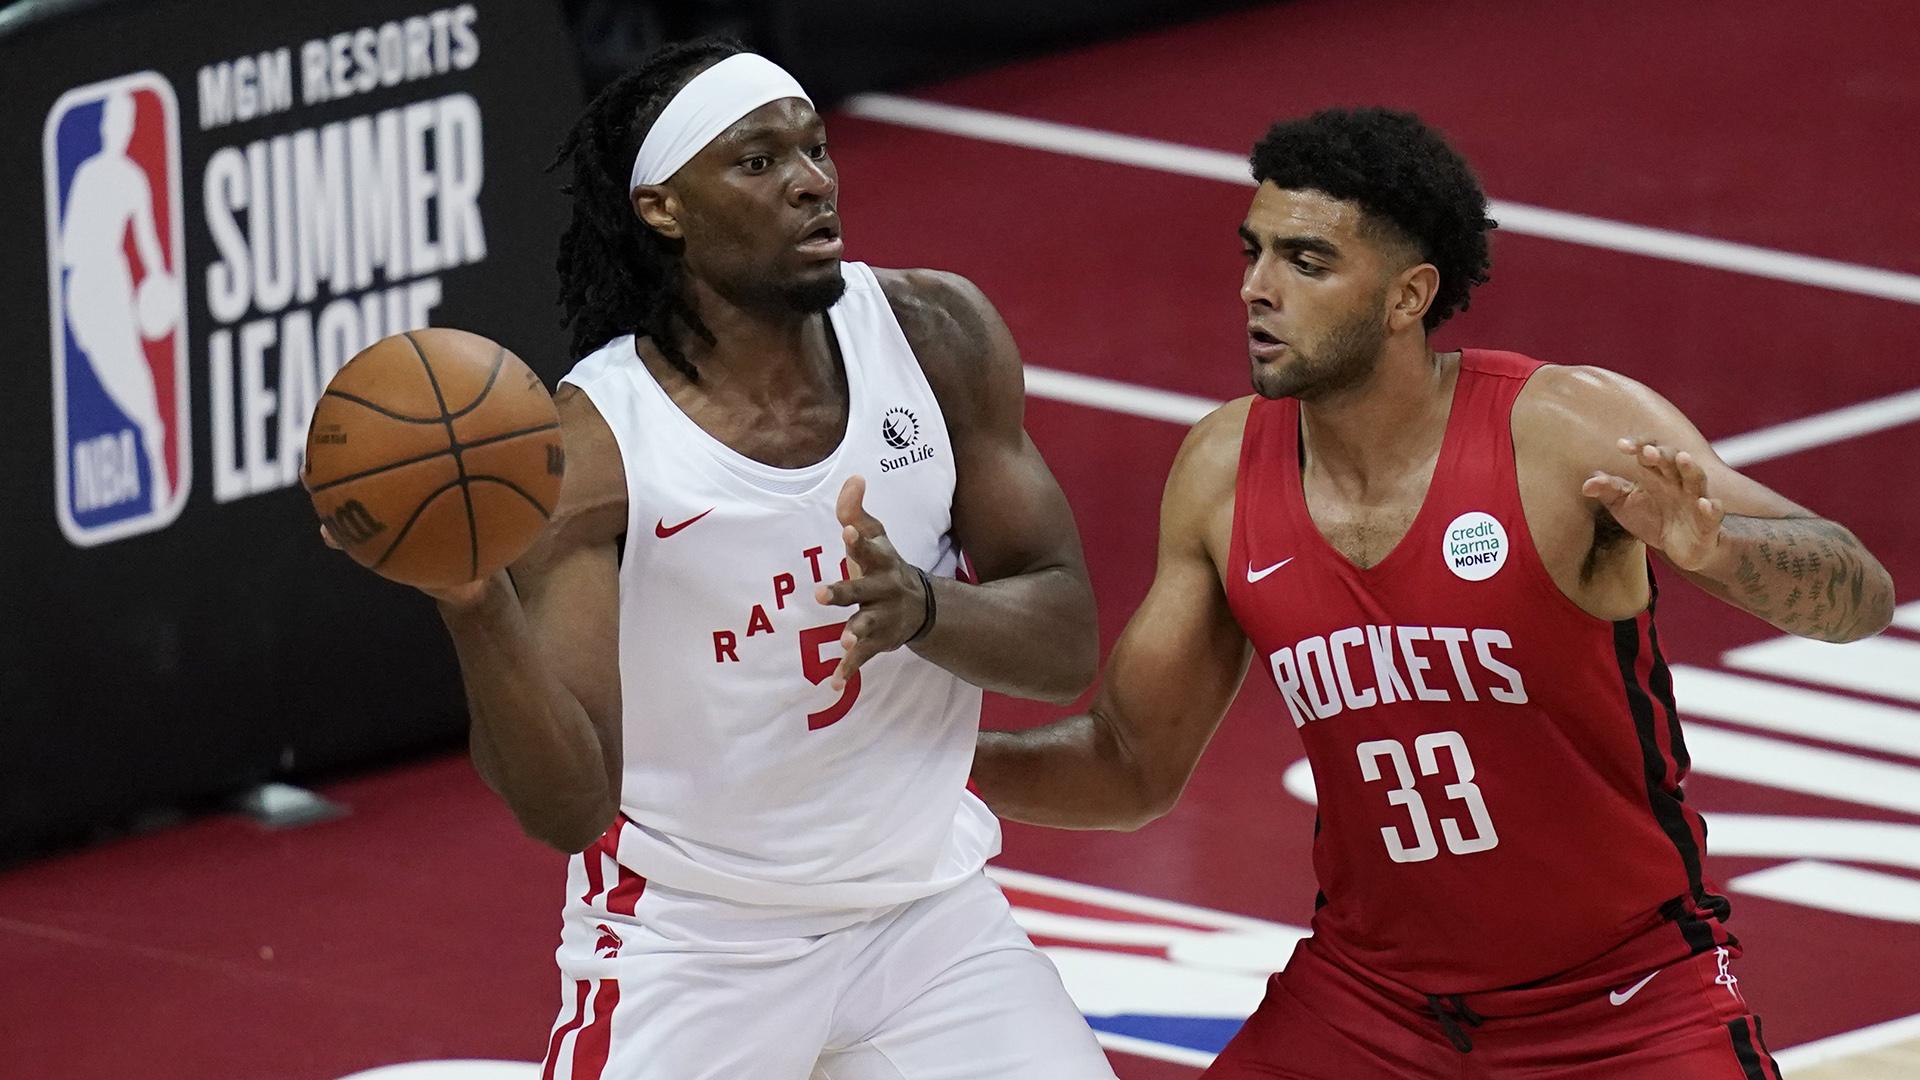 Raptors shine in Summer League win vs. Rockets